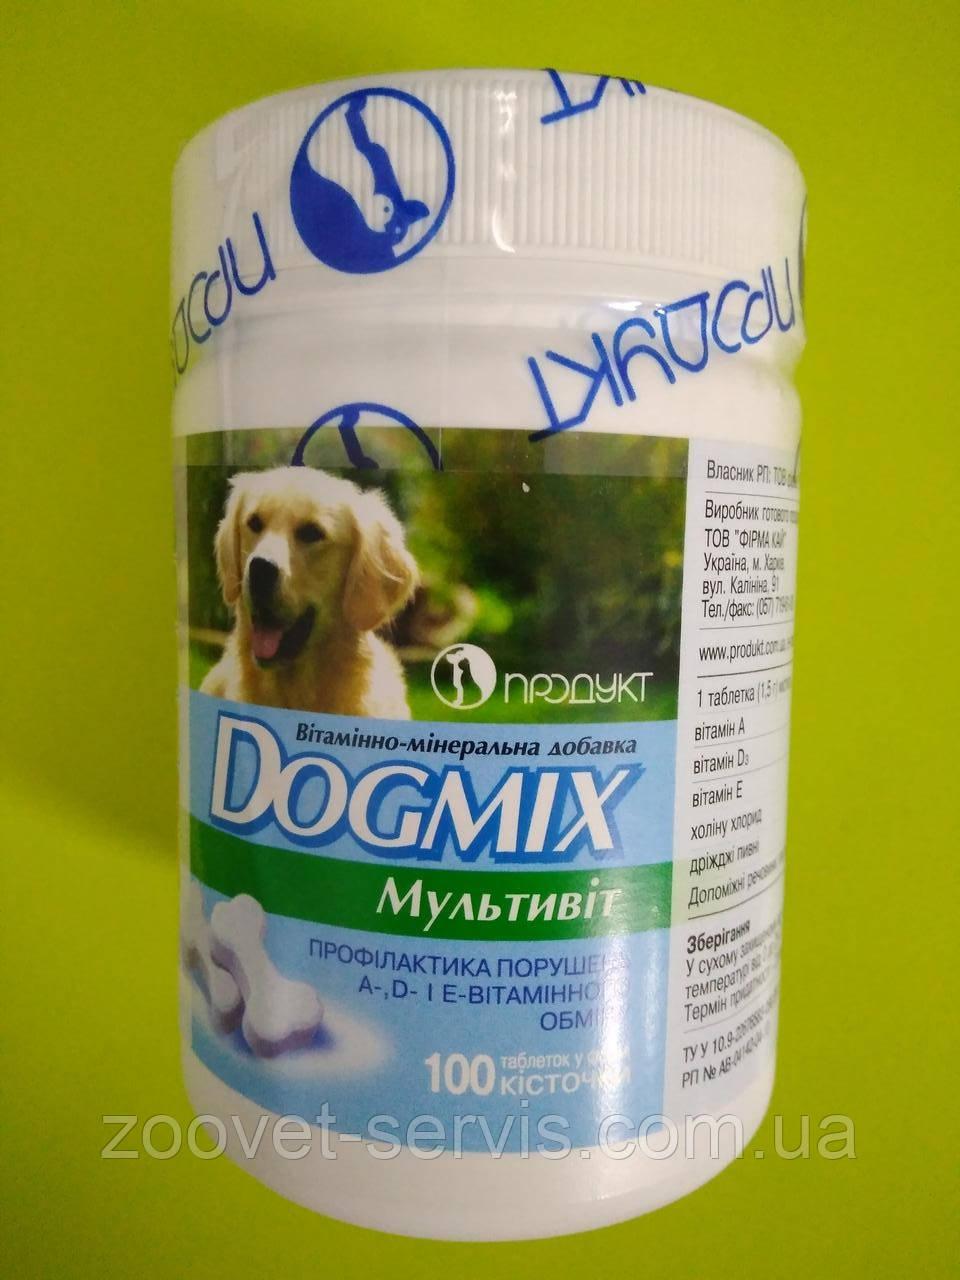 Витамины для собак Догмикс (DOGMIX) Мультивит.